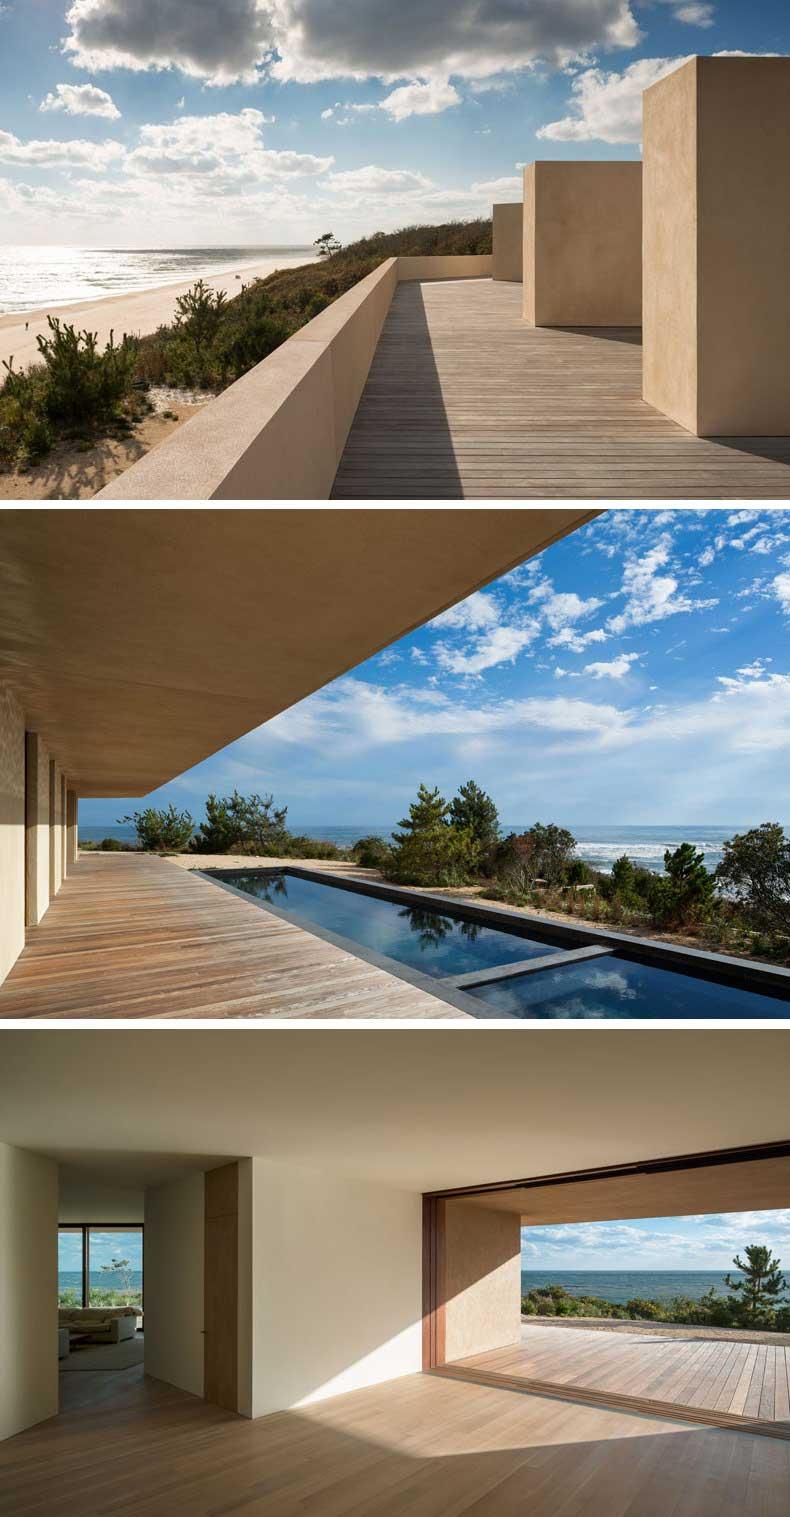 9 casas minimalistas con arquitectura y dise o de locos for Arquitectura minimalista casas